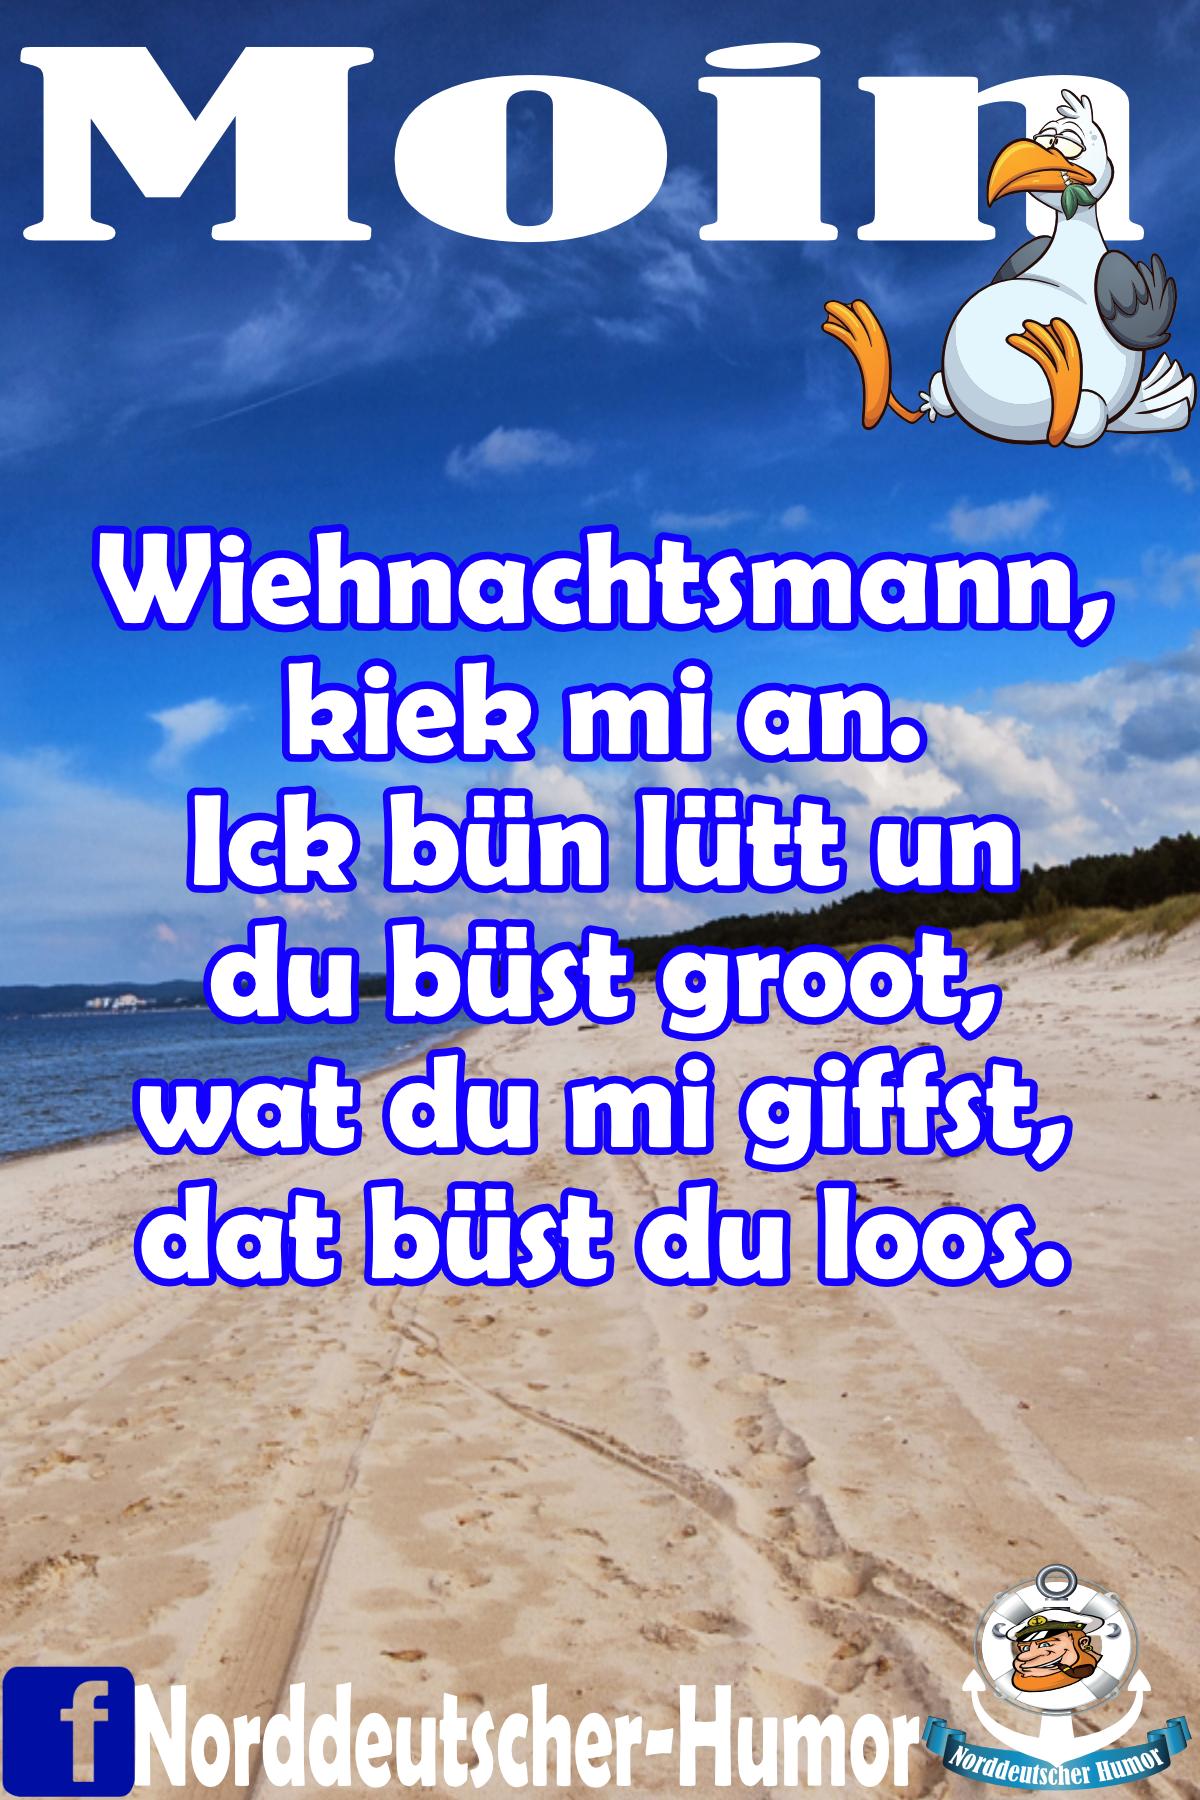 Norddeutscher Humor